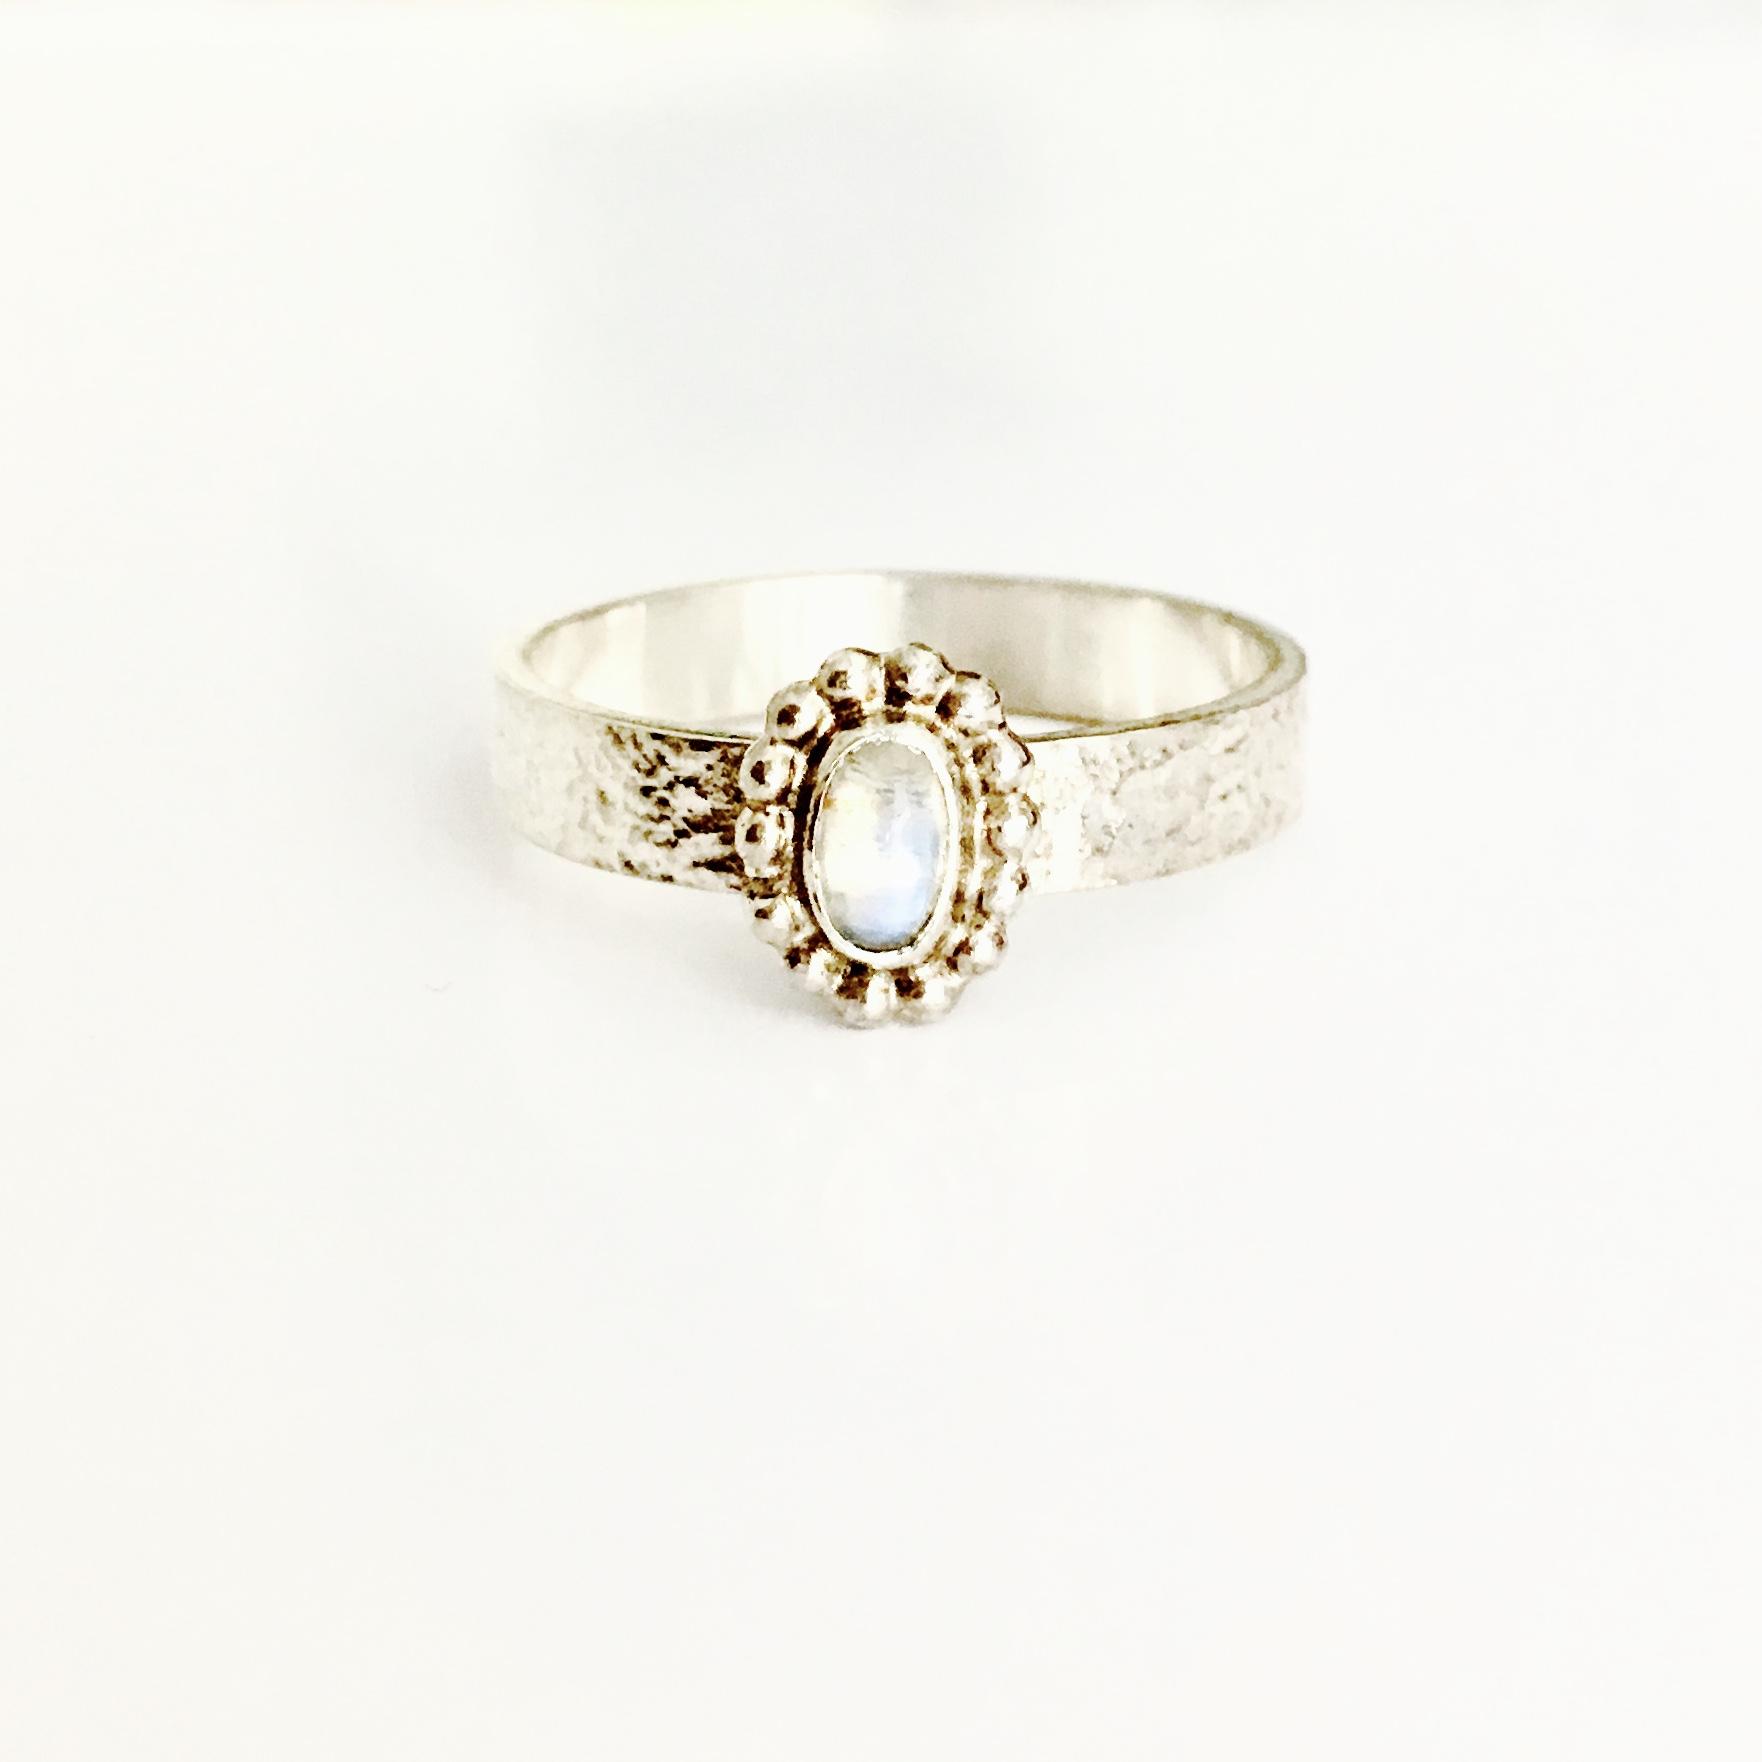 Zilveren ring met pareldraad en maansteen